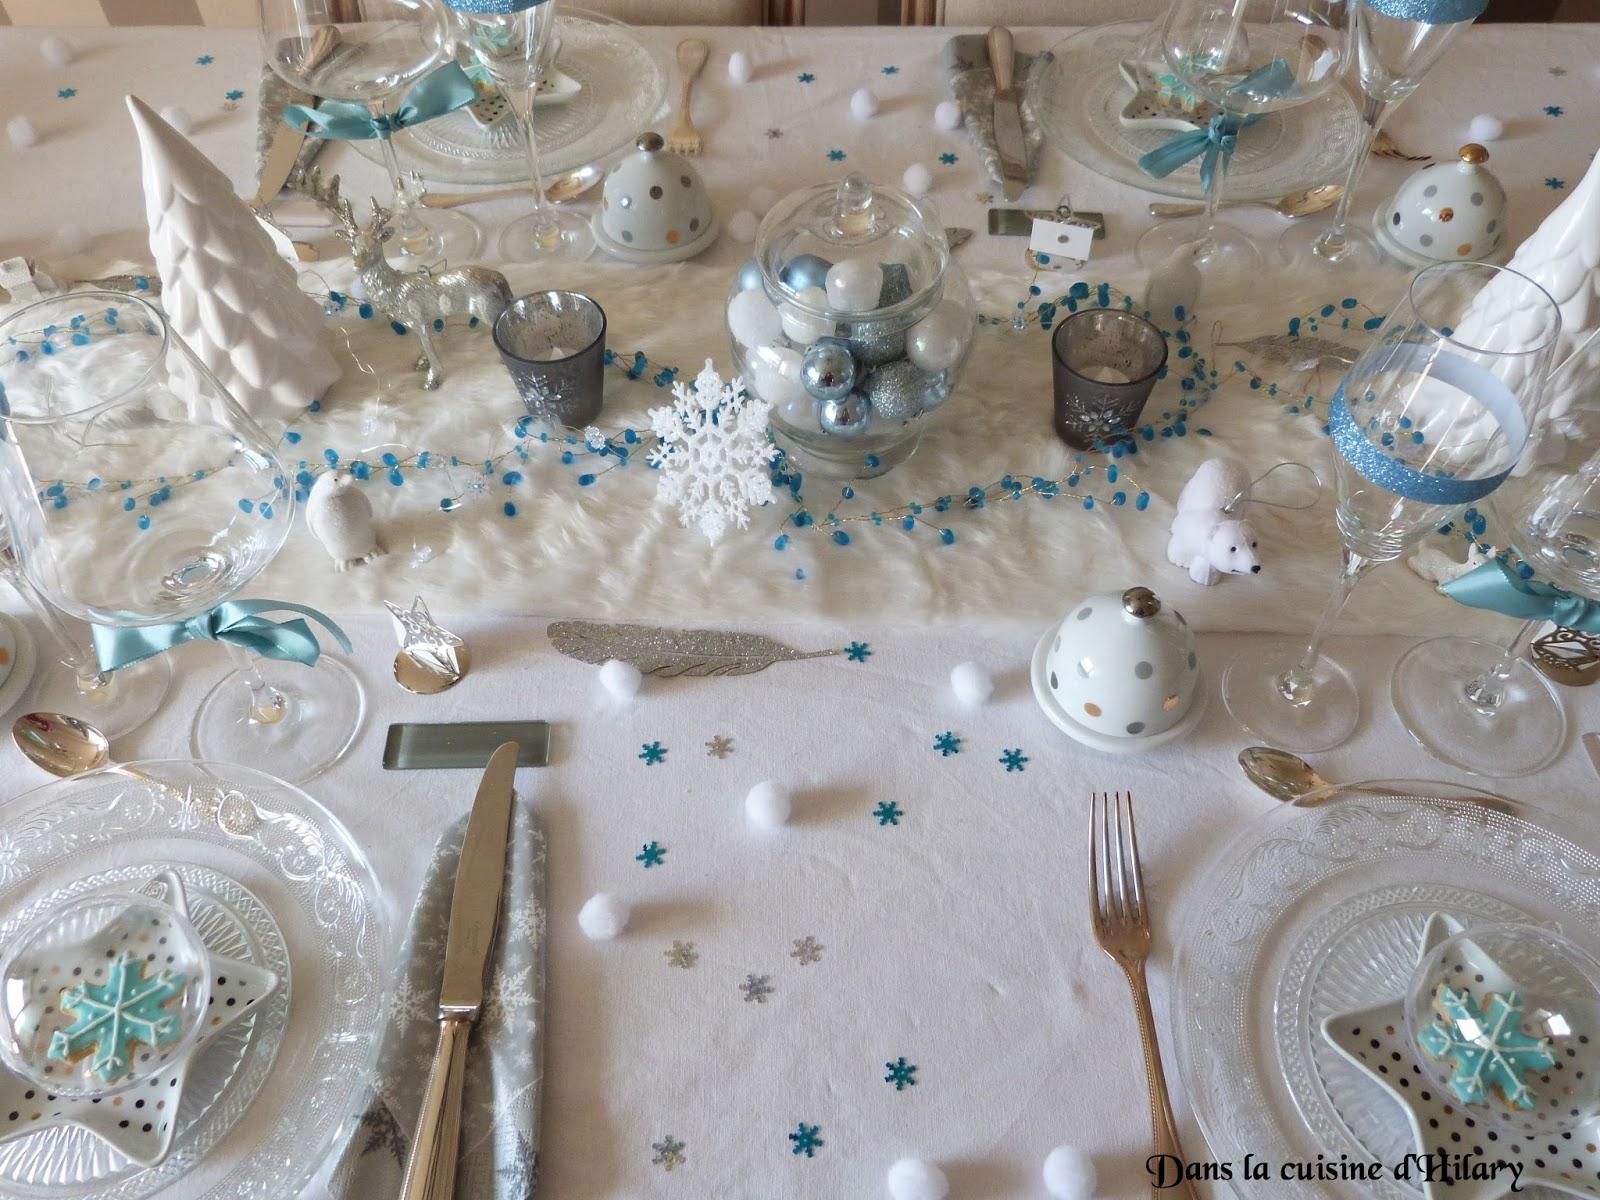 Dans la cuisine d 39 hilary ma table de no l polaire en bleu for Deco de noel bleu et argent